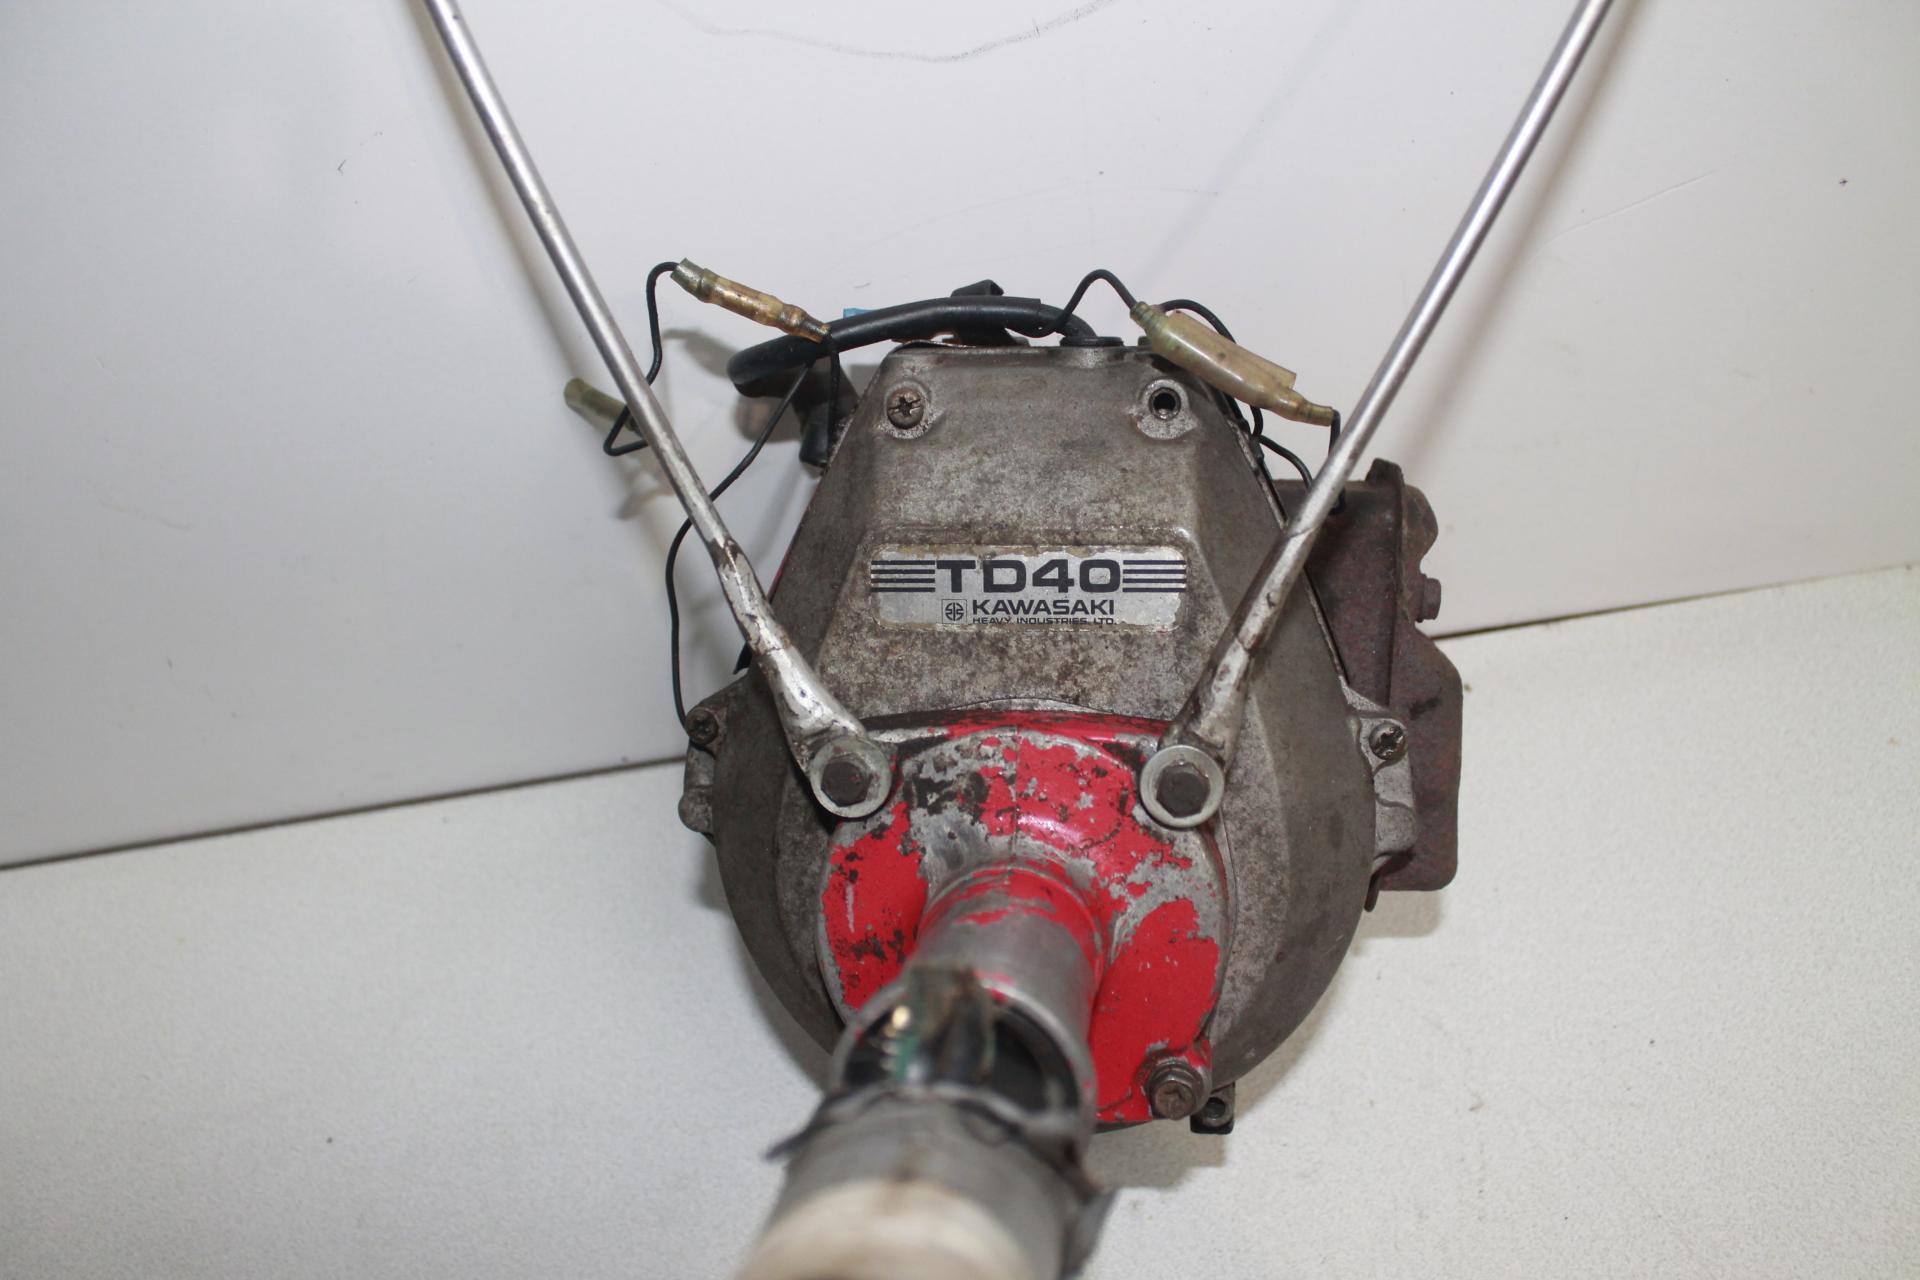 Despiece Kawasaki TD40